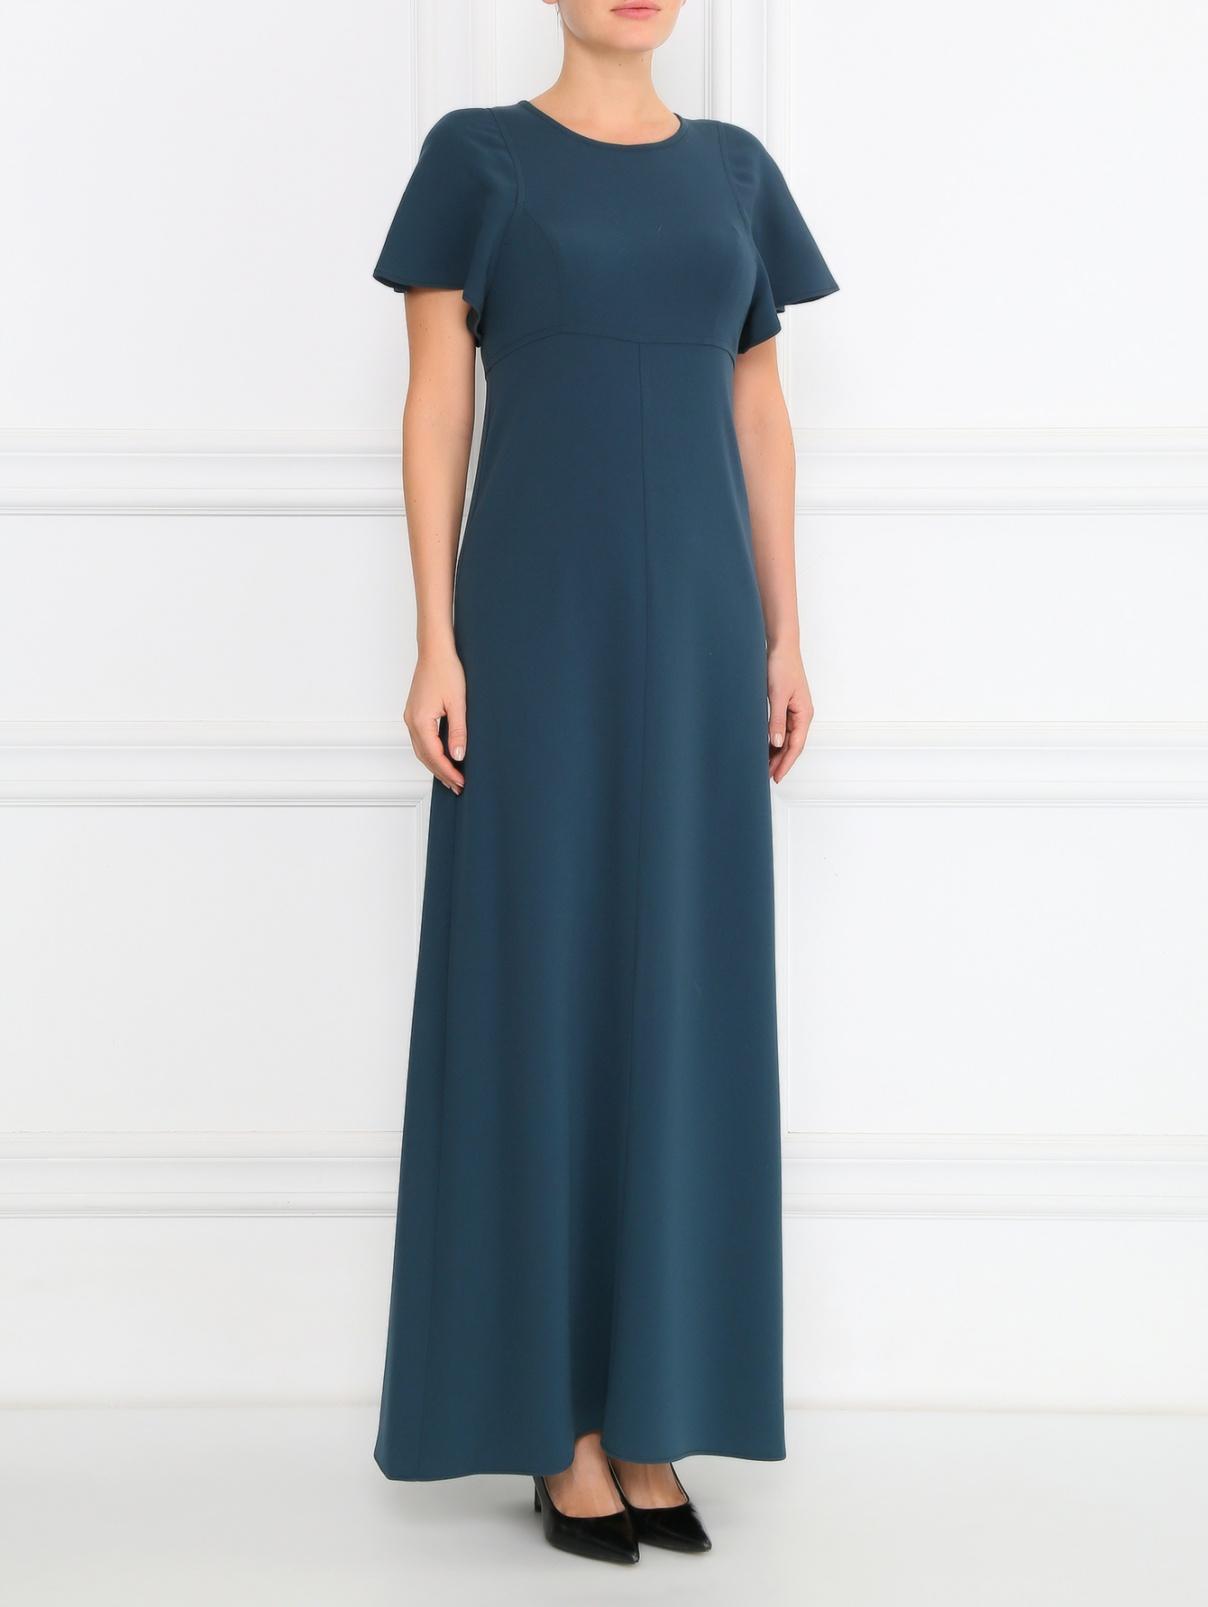 Однотонное платье-макси с коротким рукавом Max&Co  –  Модель Общий вид